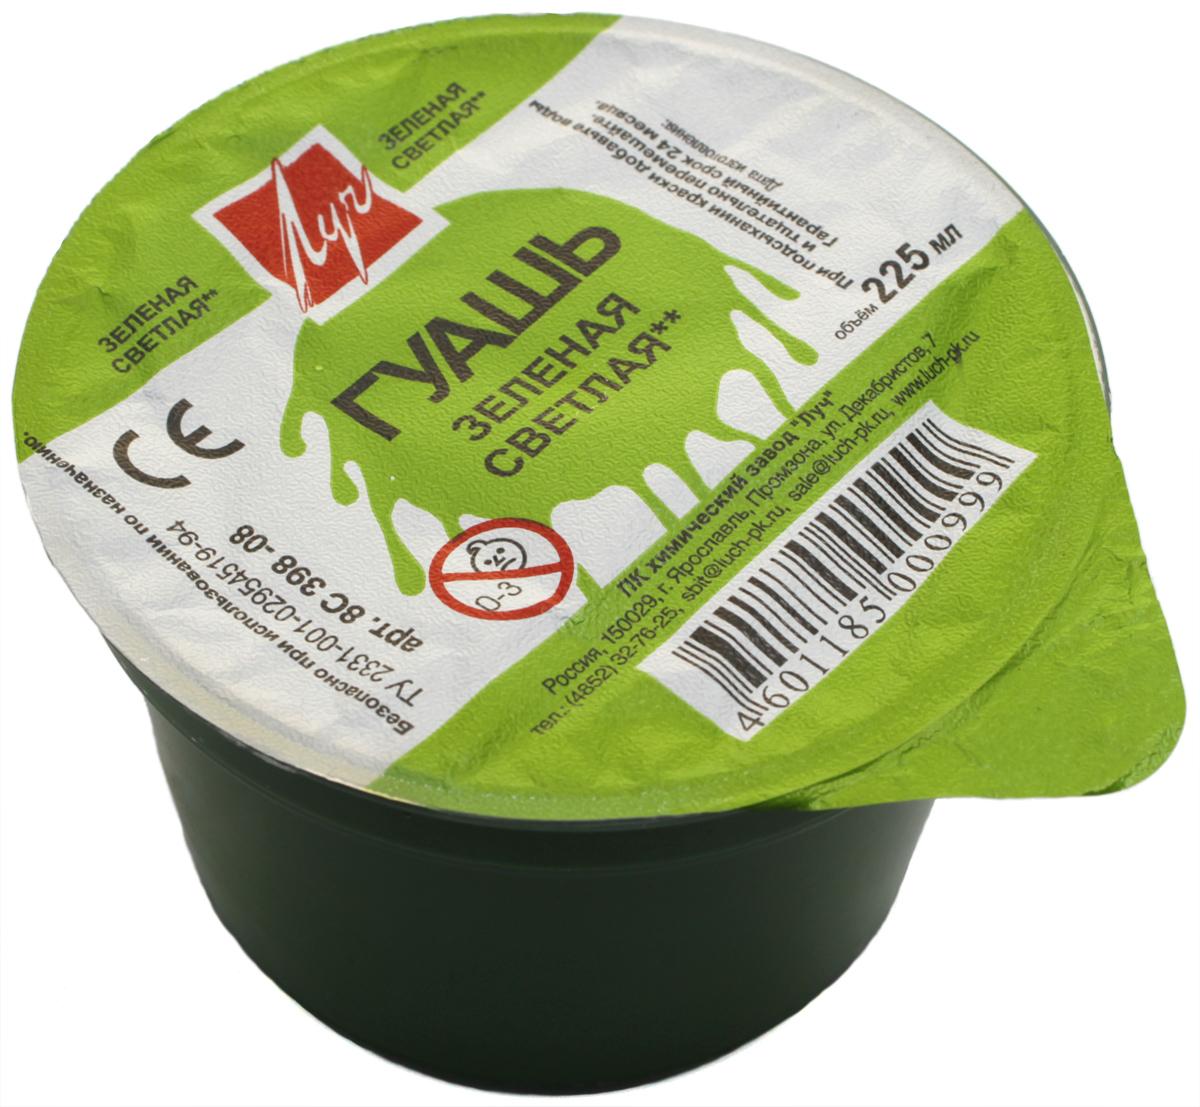 Луч Гуашь цвет светло-зеленый 225 млFP-14Гуашевая краска Луч идеально подходит для живописных, декоративных работ и графики. Она легко наносится на бумагу, картон и грунтованный холст. При высыхании приобретает бархатистую поверхность и легко размывается водой. Прозрачная, водоразбавляемая, быстро сохнет.Масса: 320 г.